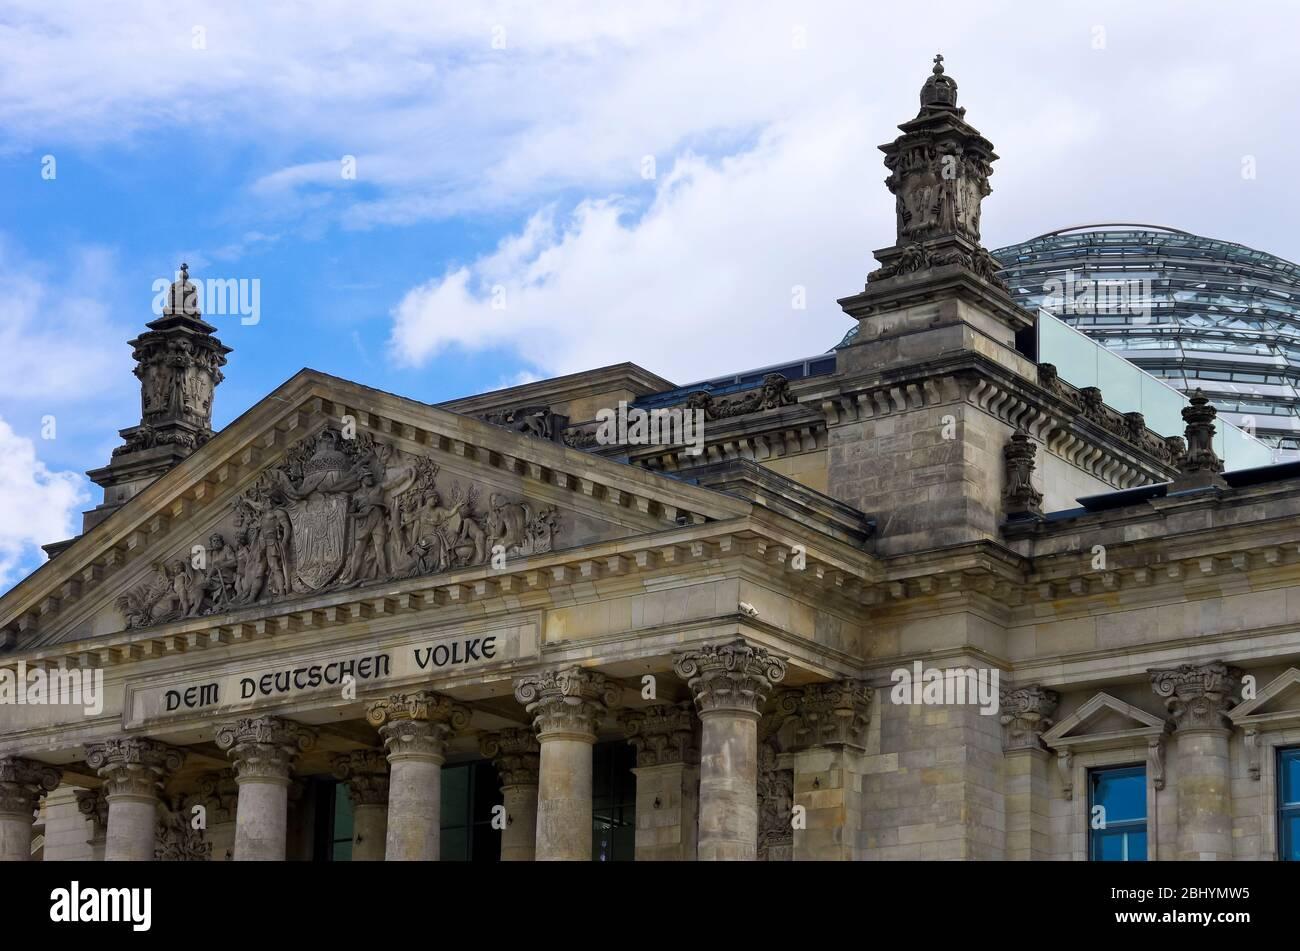 Reichstagsgebäude, Sitz des Deutschen Bundestages in Berlin, Brandenburg, Deutschland. Stockfoto